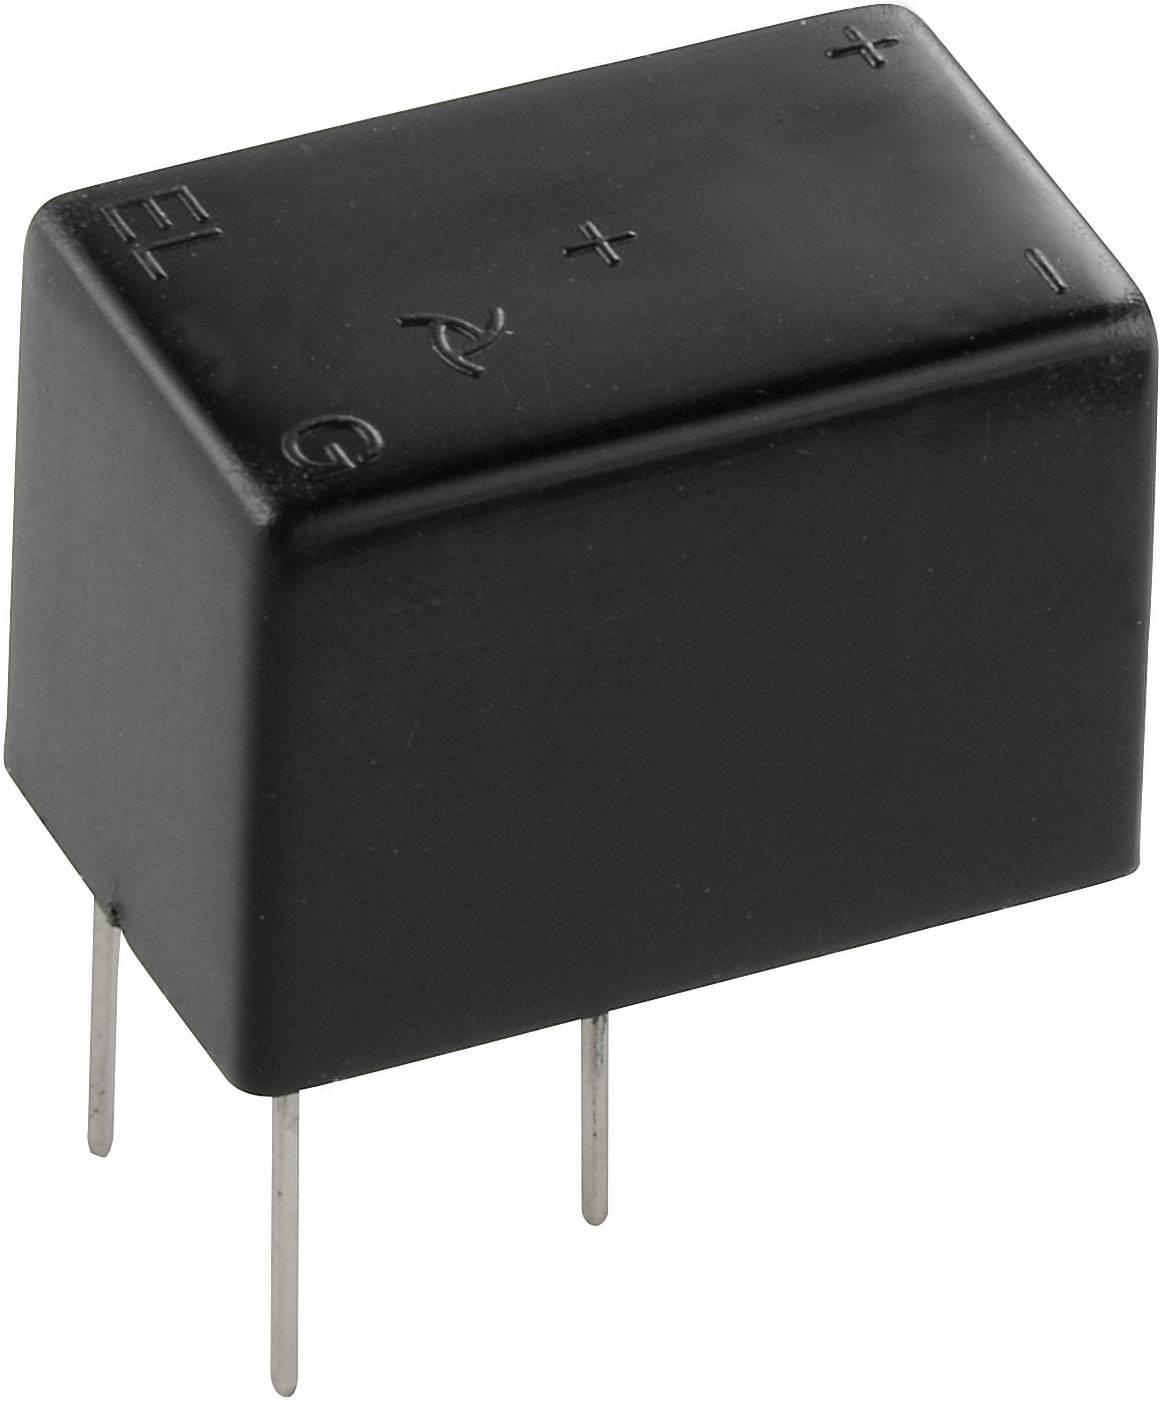 EL invertor Conrad Components WE-50, čierna, 5 V/DC, (d x š x v) 27 x 17.5 x 19 mm